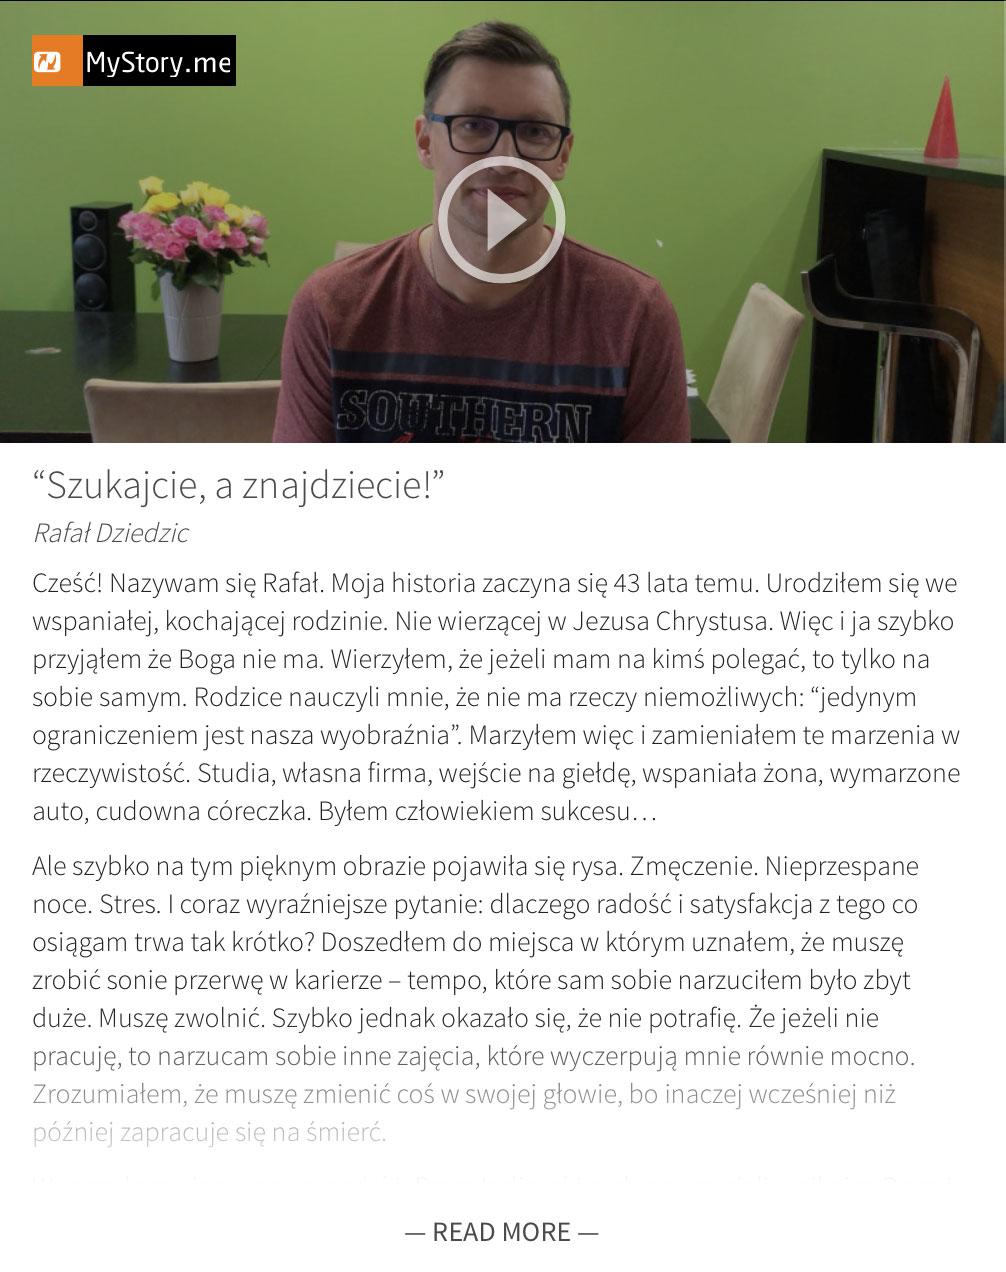 MyStory.me - Rafał Dziedzic